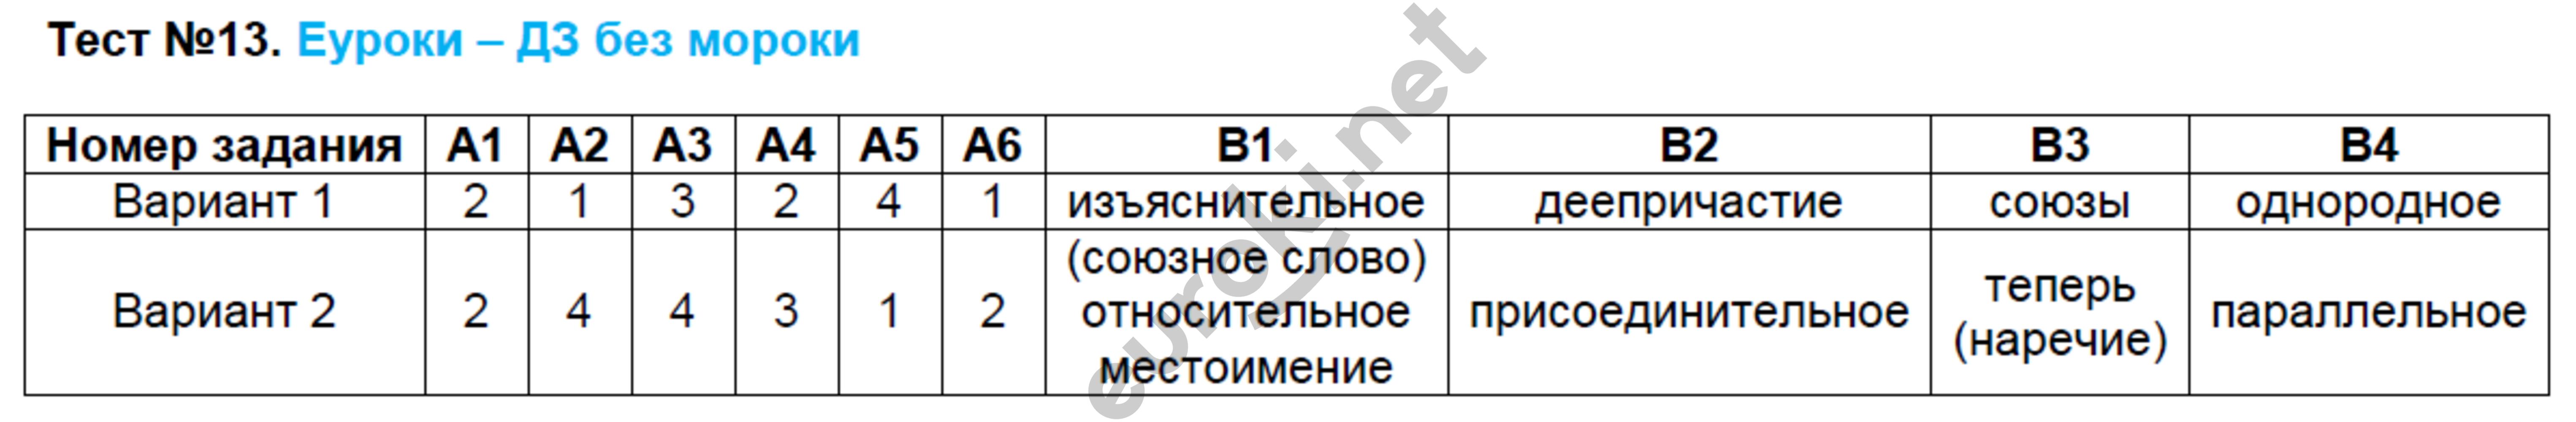 ГДЗ по русскому языку 9 класс контрольно-измерительные материалы Егорова. Задание: Тест 13